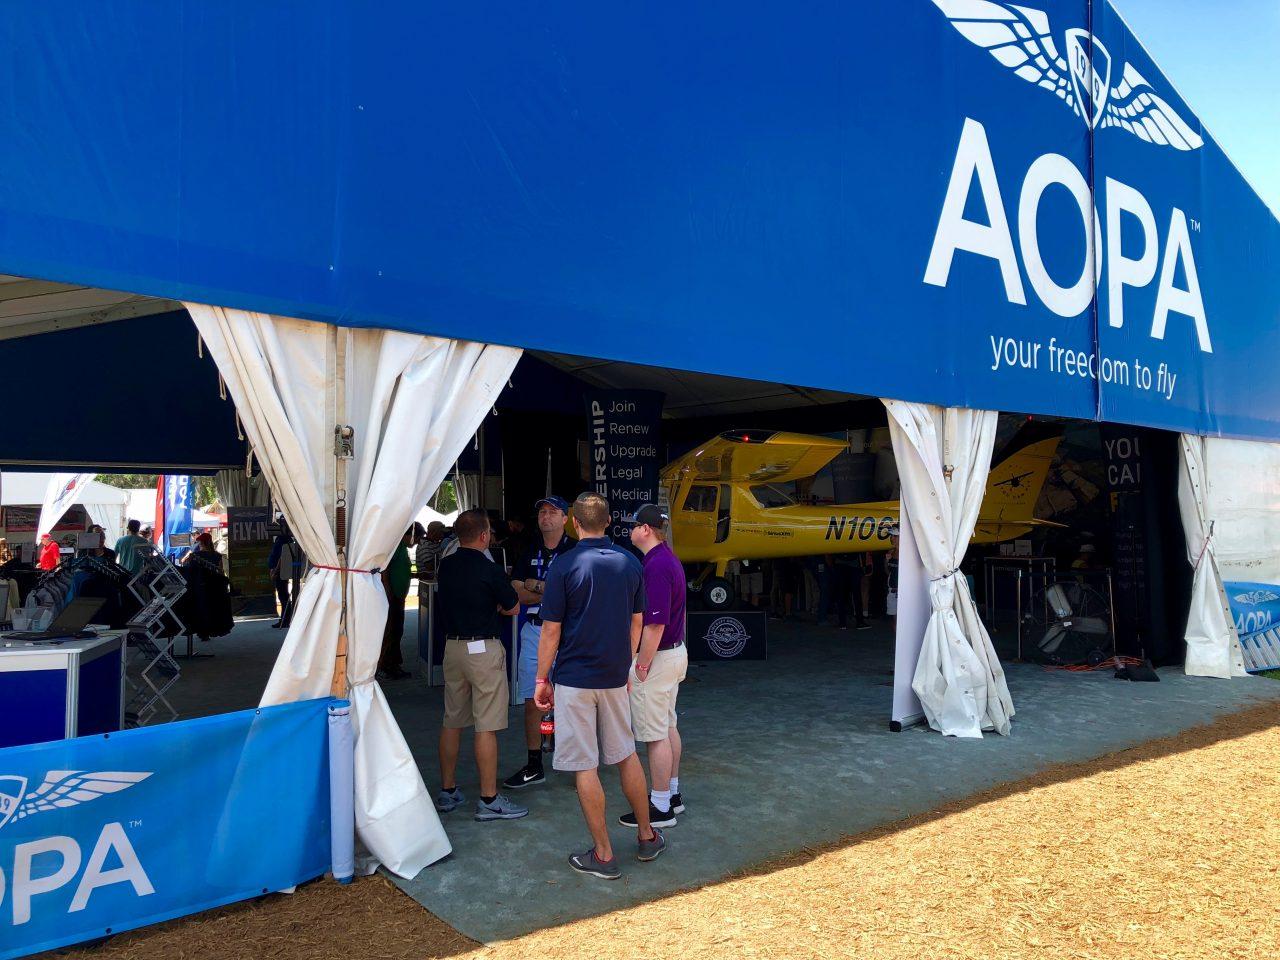 Aopa Area